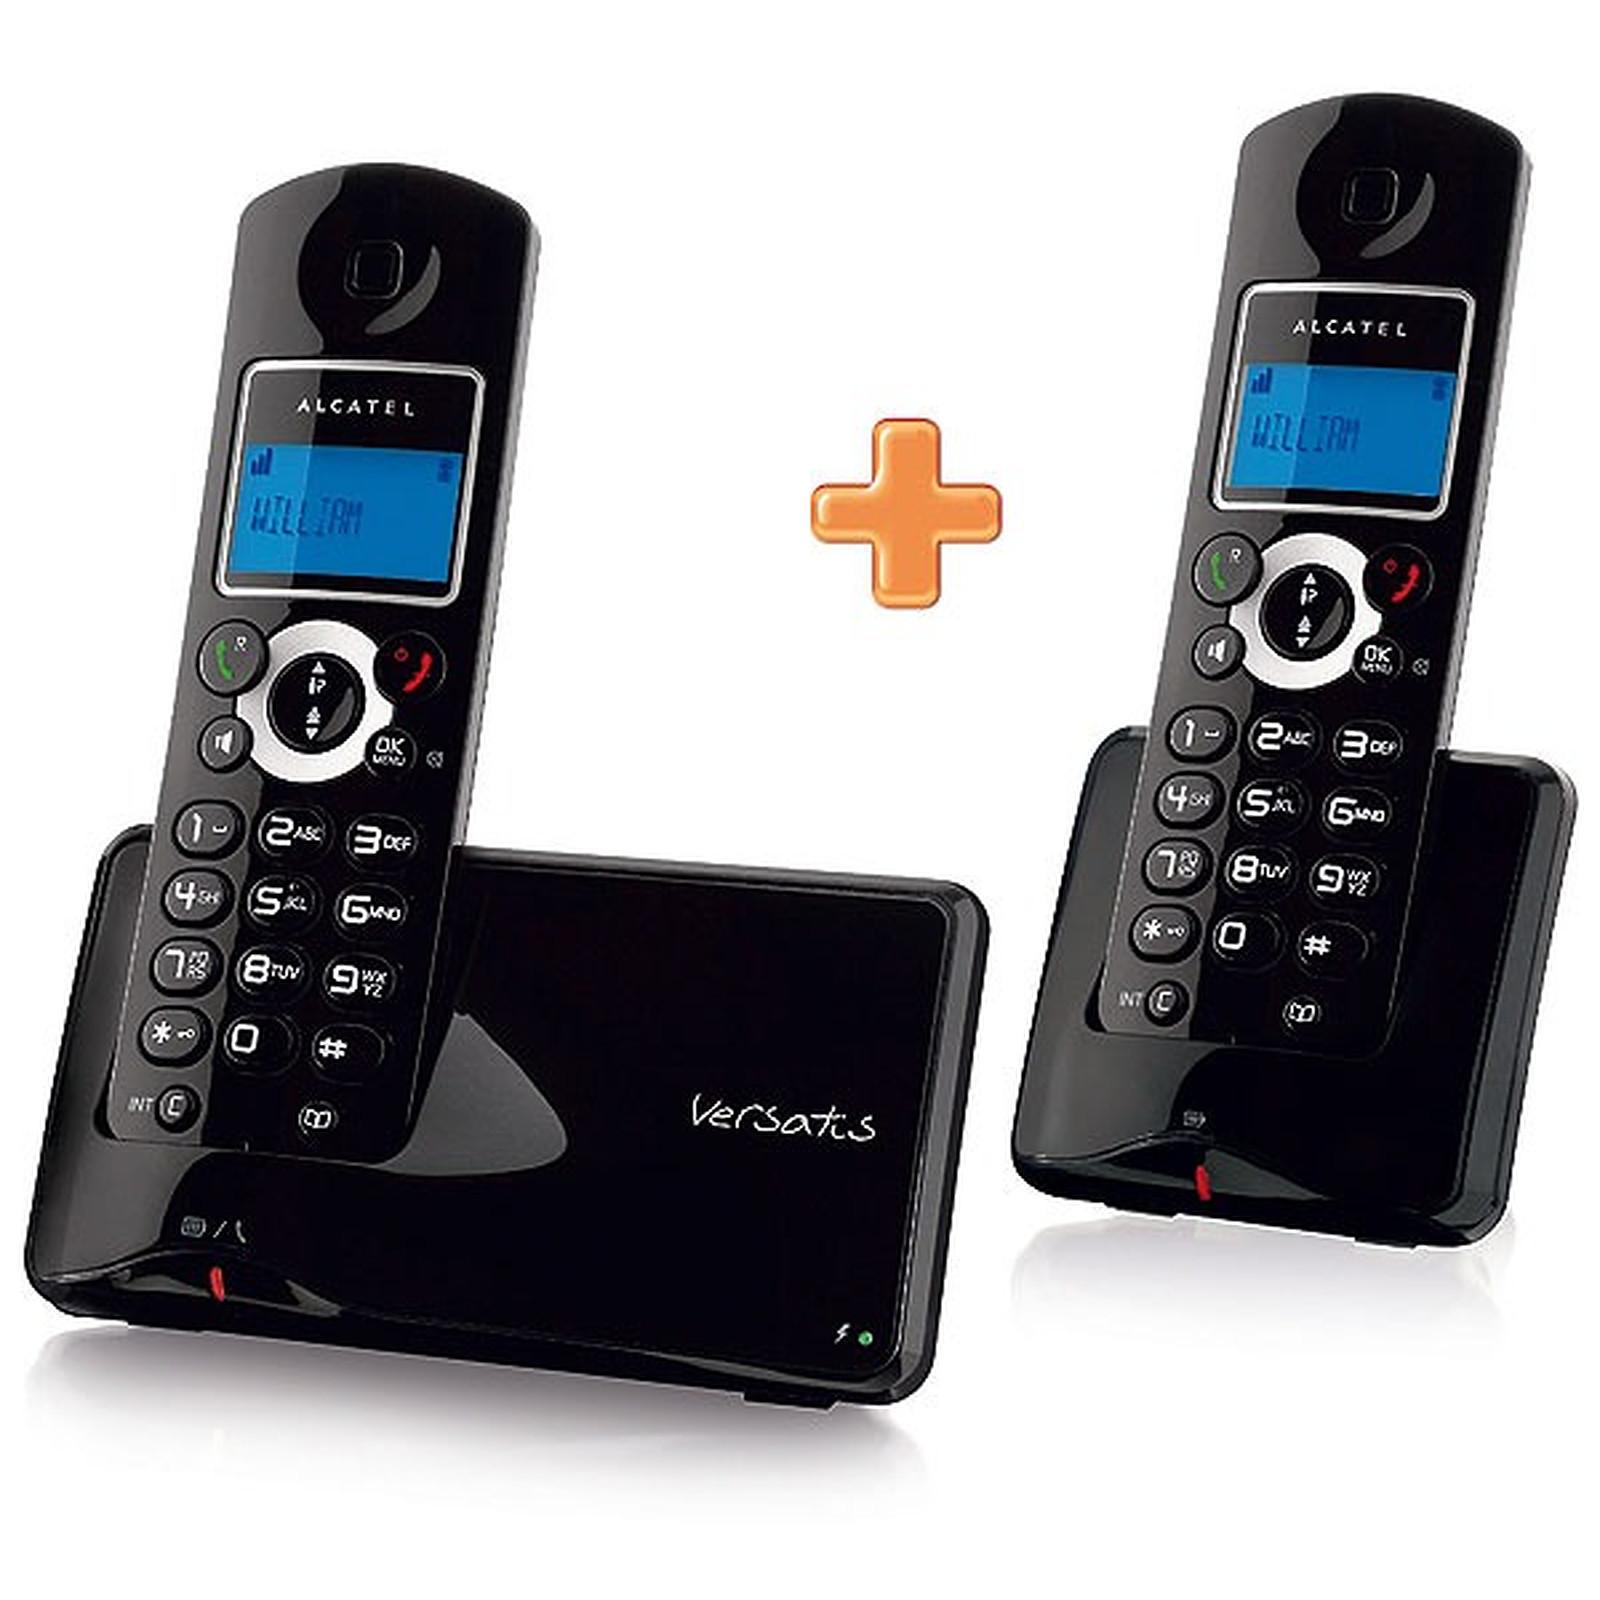 Alcatel Versatis C350 Noir Duo